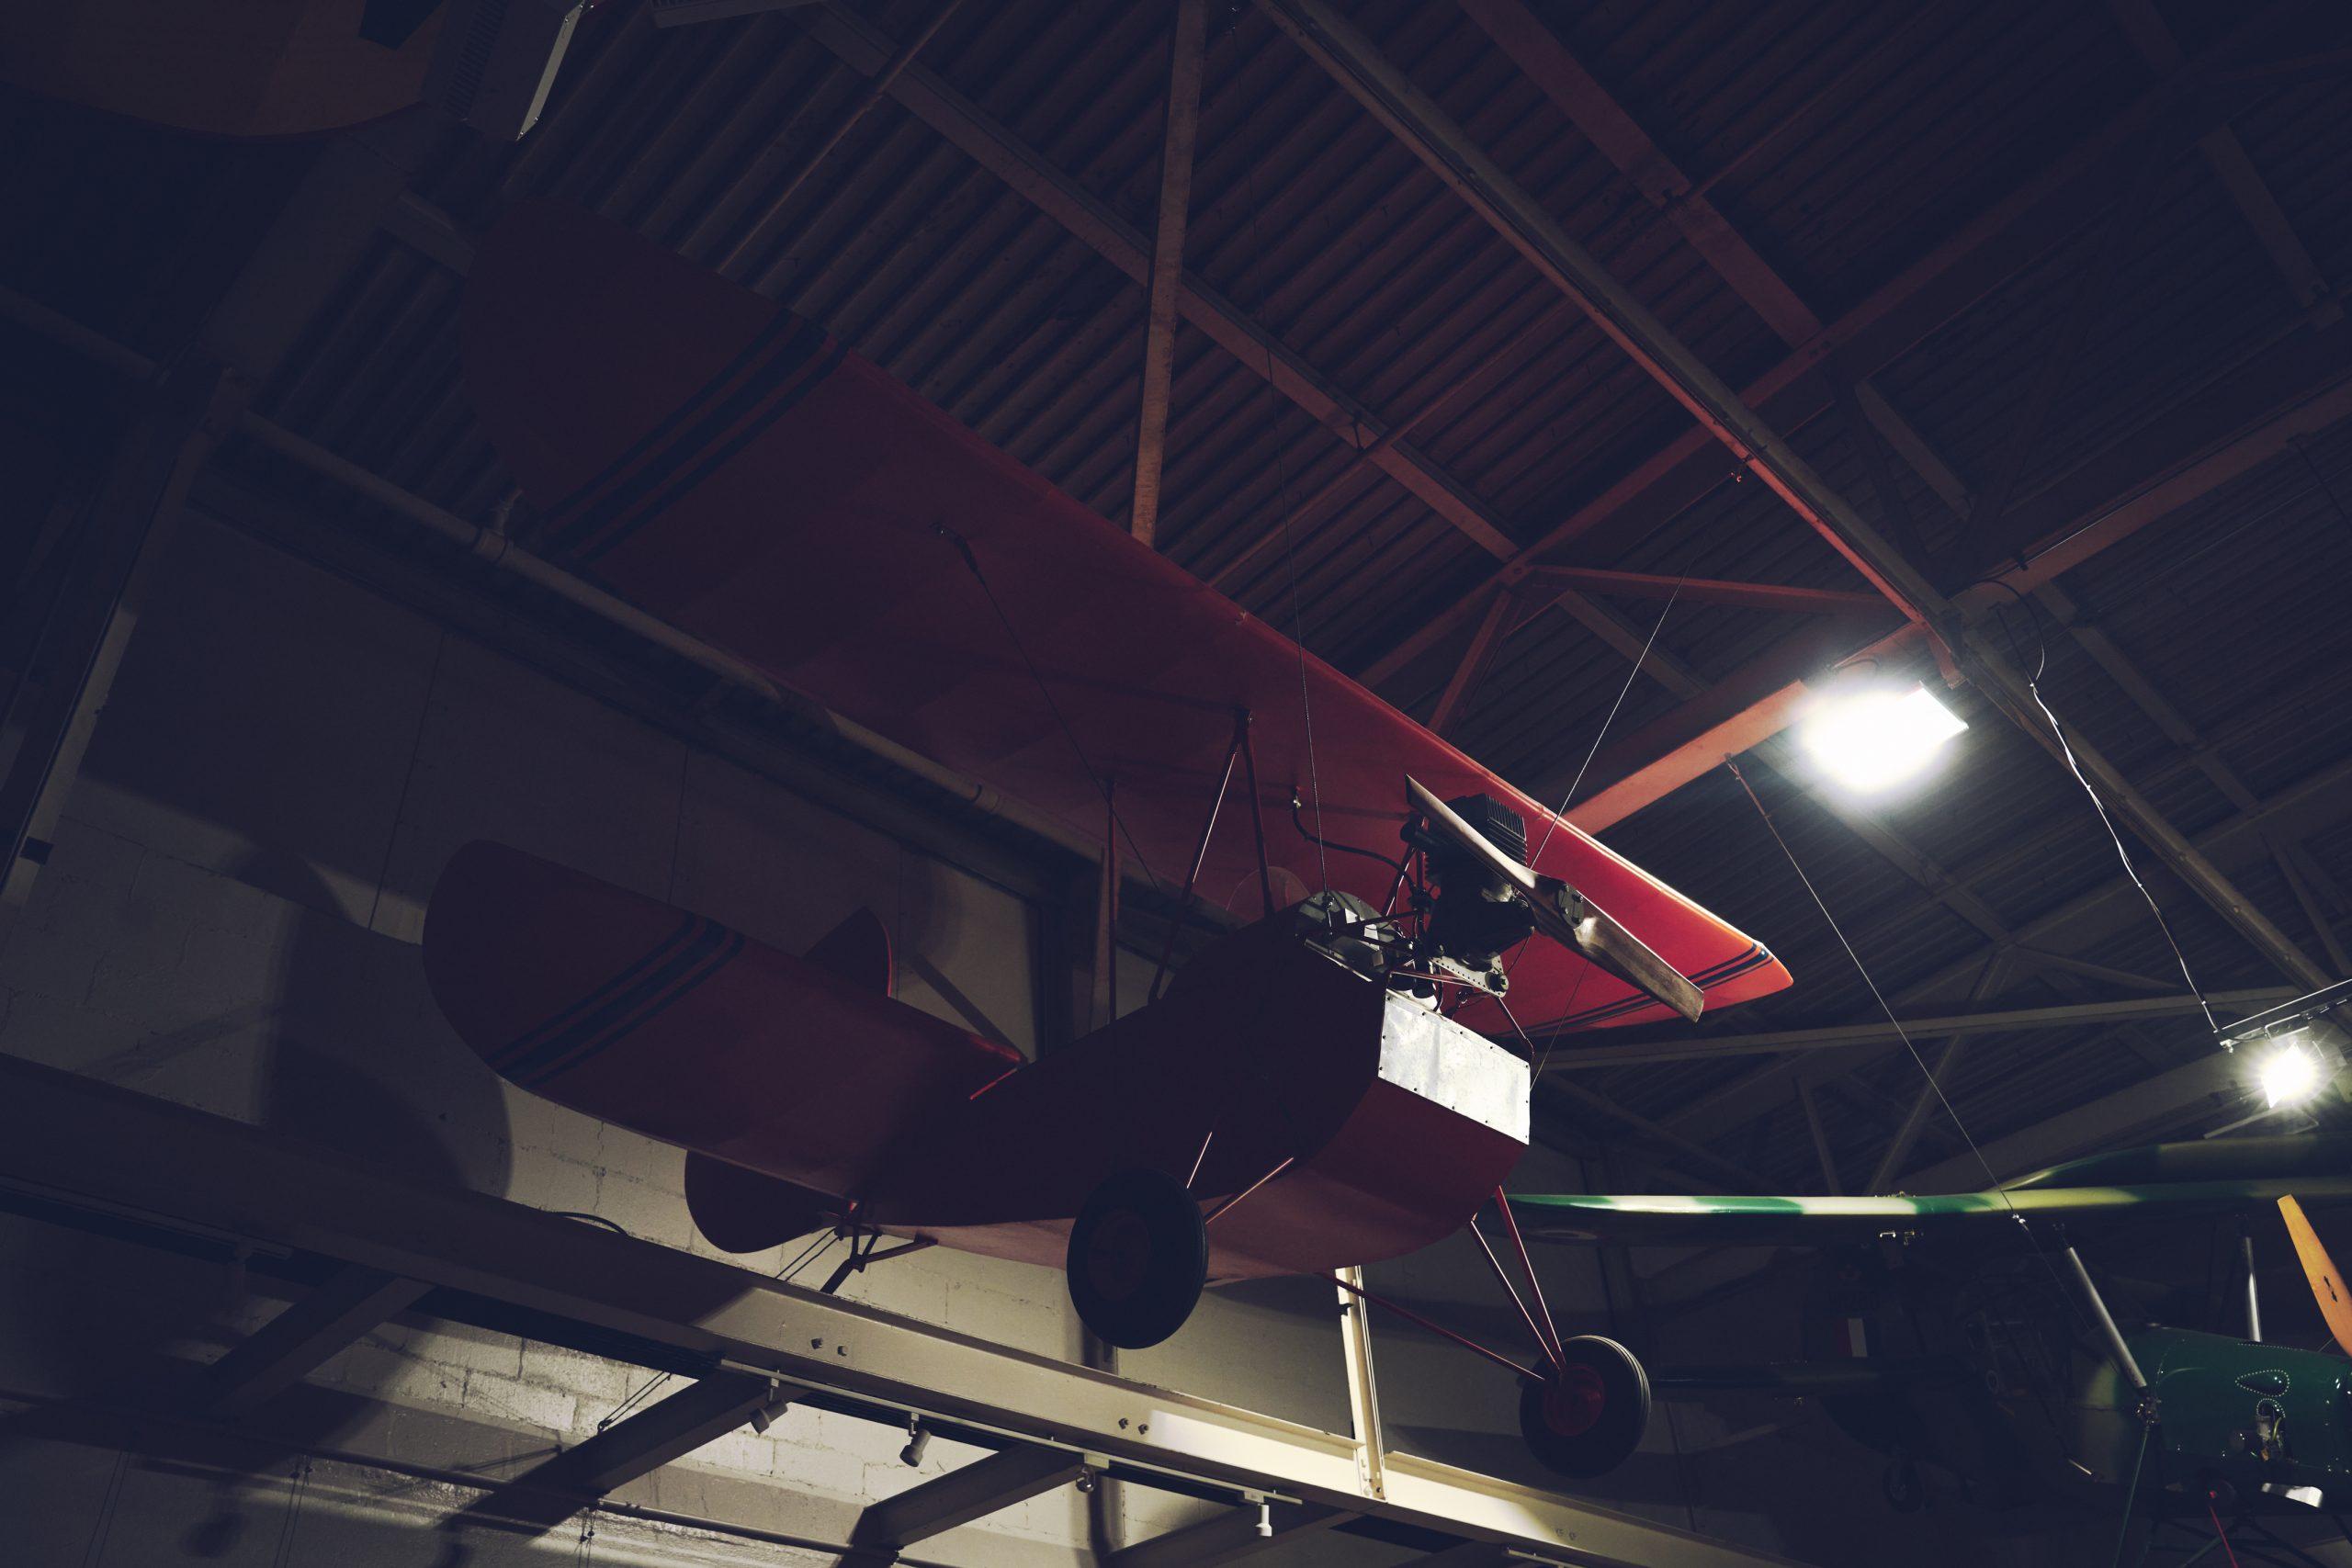 Nashville vintage car museum plane